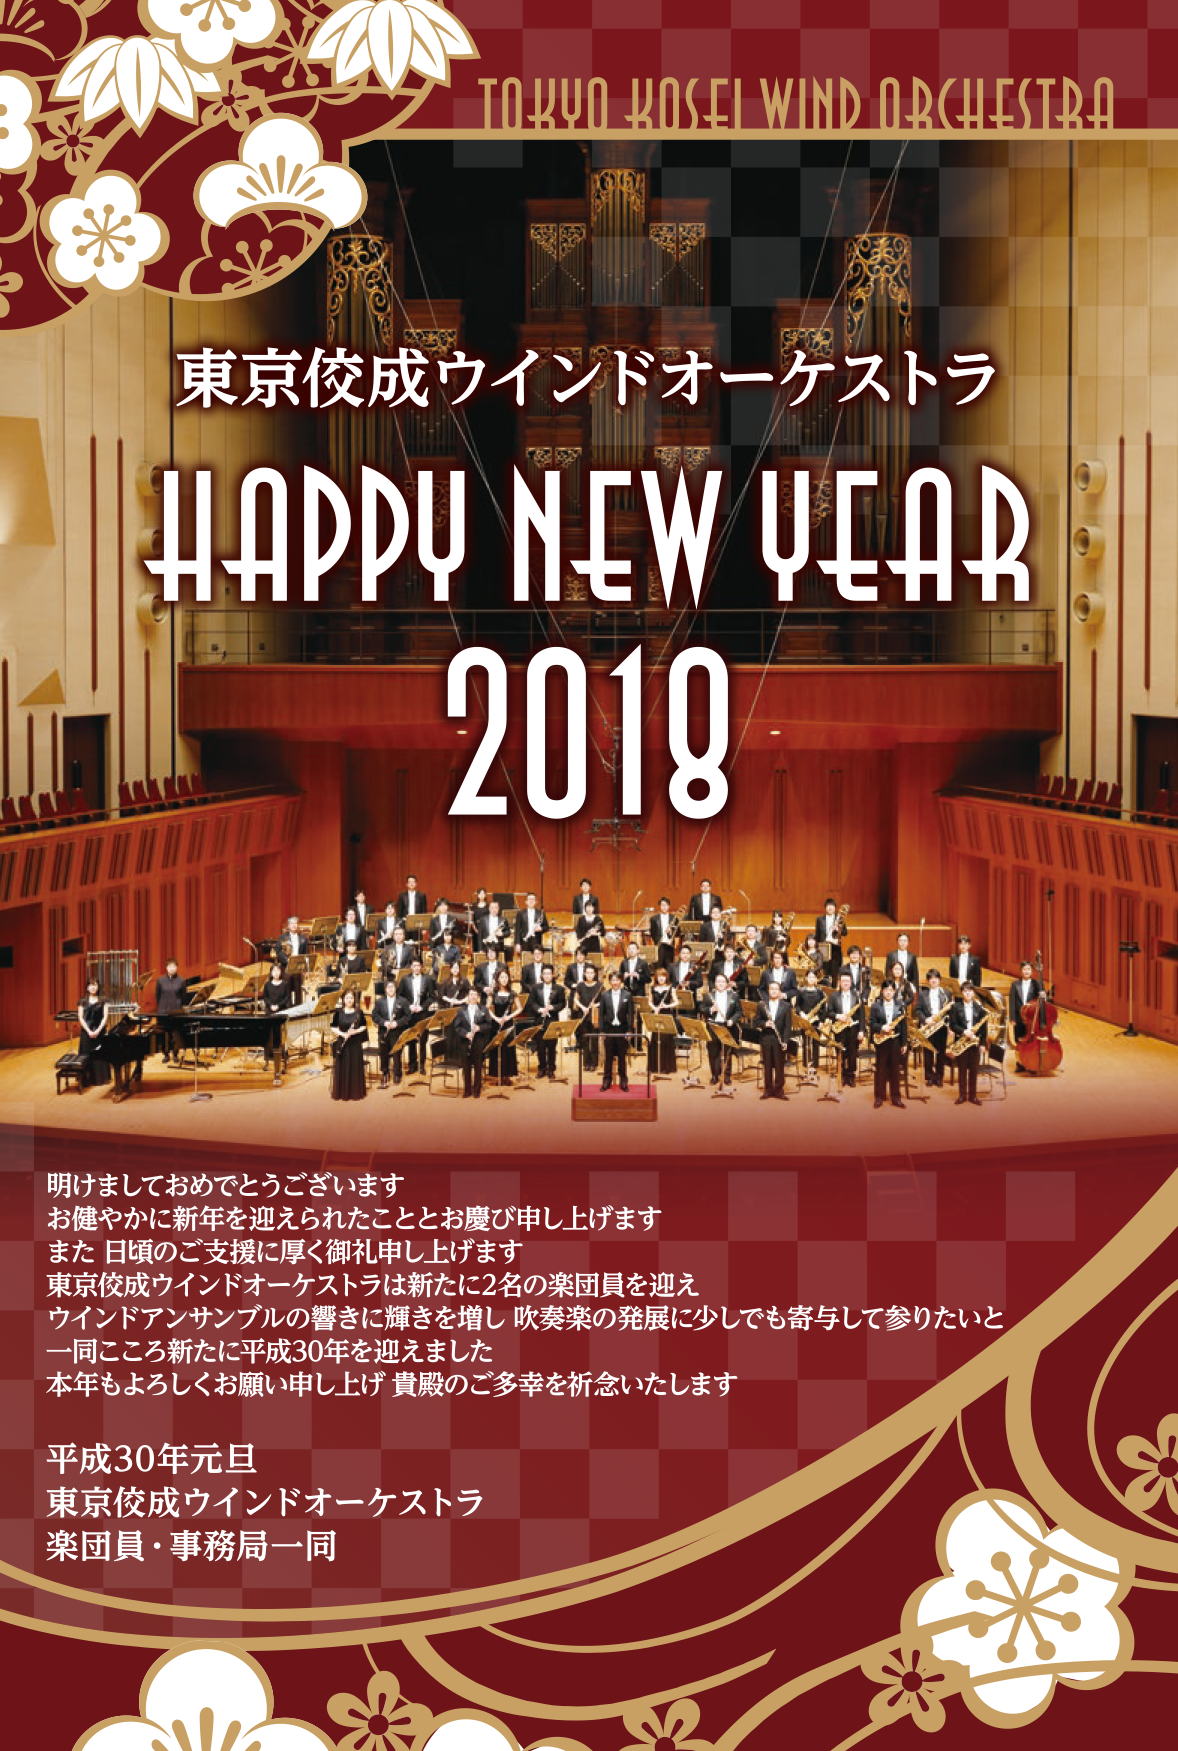 明けましておめでとうございます お健やかに新年を迎えられたこととお慶び申し上げます また 日頃のご支援に厚く御礼申し上げます 東京佼成ウインドオーケストラは新たに2名の楽団員を迎え ウインドアンサンブルの響きに輝きを増し 吹奏楽の発展に少しでも寄与して参りたいと 一同こころ新たに平成30年を迎えました 本年もよろしくお願い申し上げ 貴殿のご多幸を祈念いたします  平成30年元旦 東京佼成ウインドオーケストラ 楽団員・事務局一同